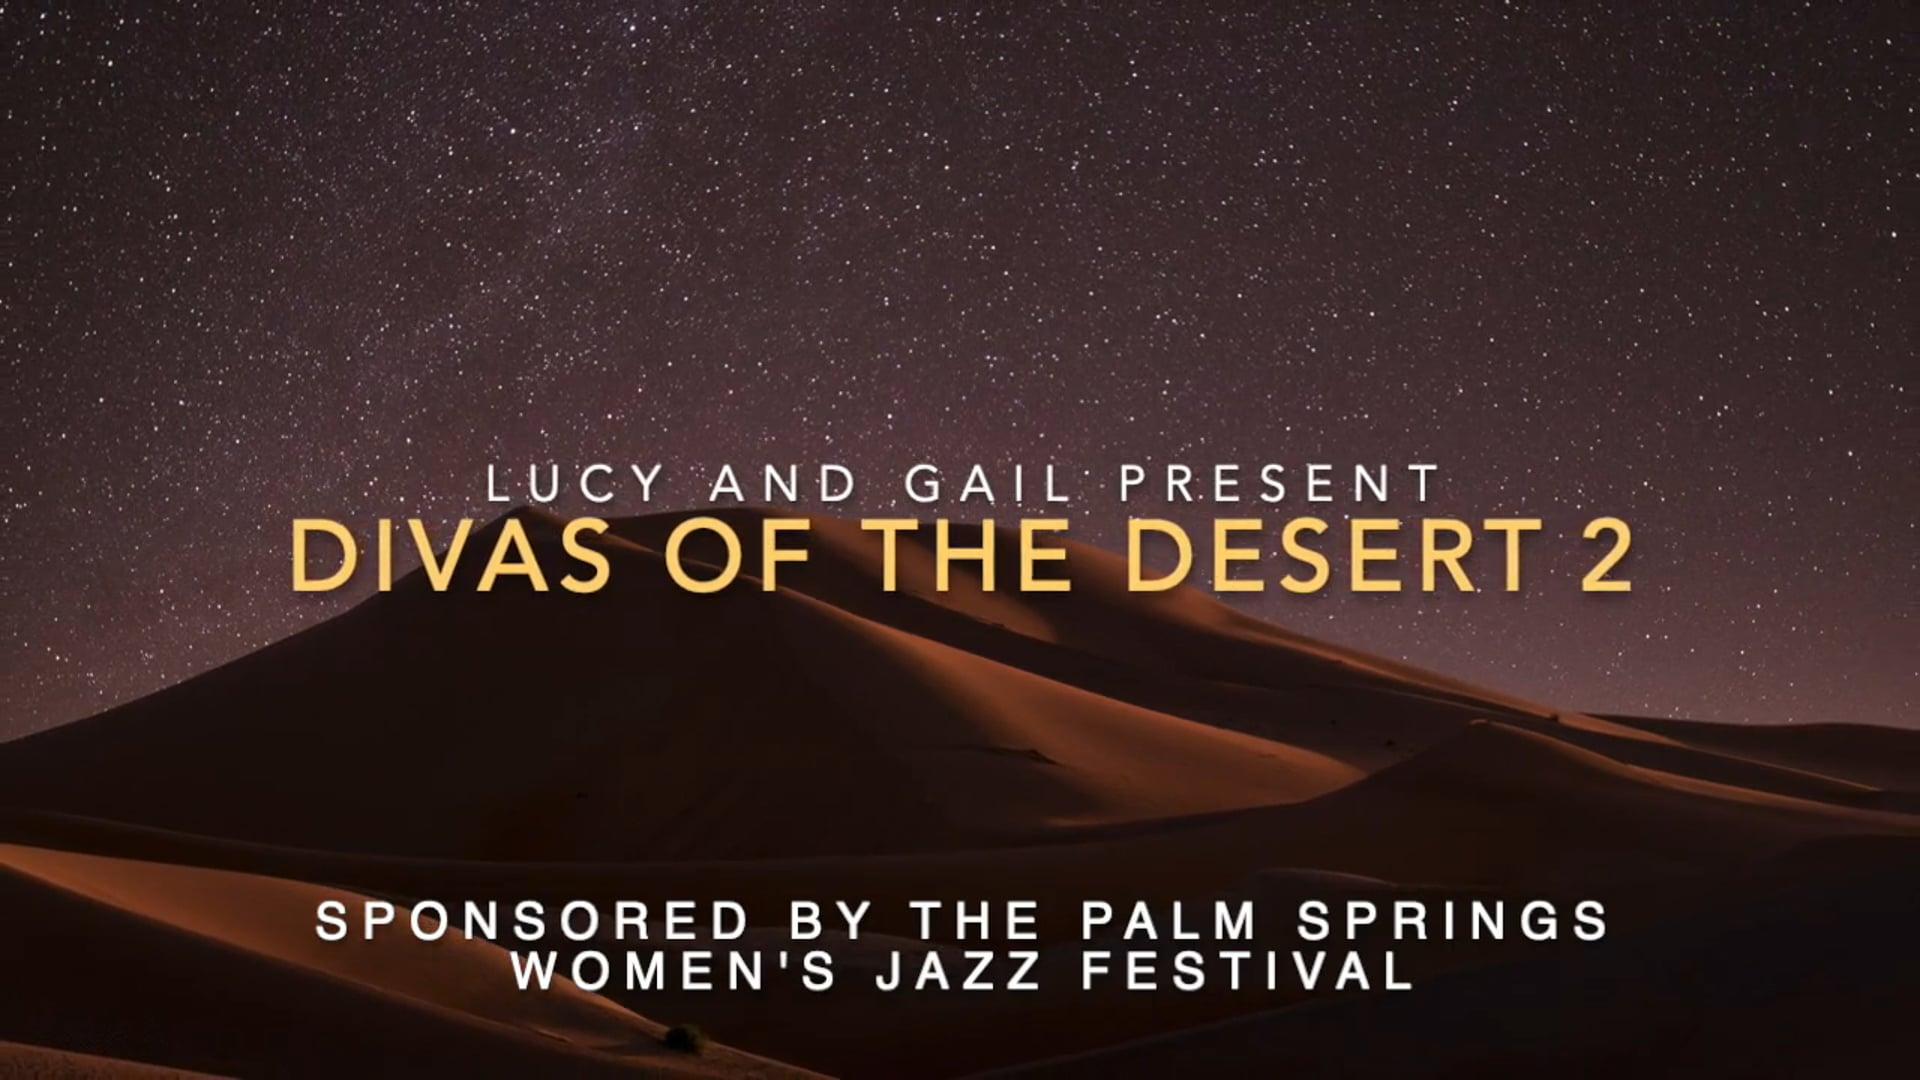 Divas of the Desert 2